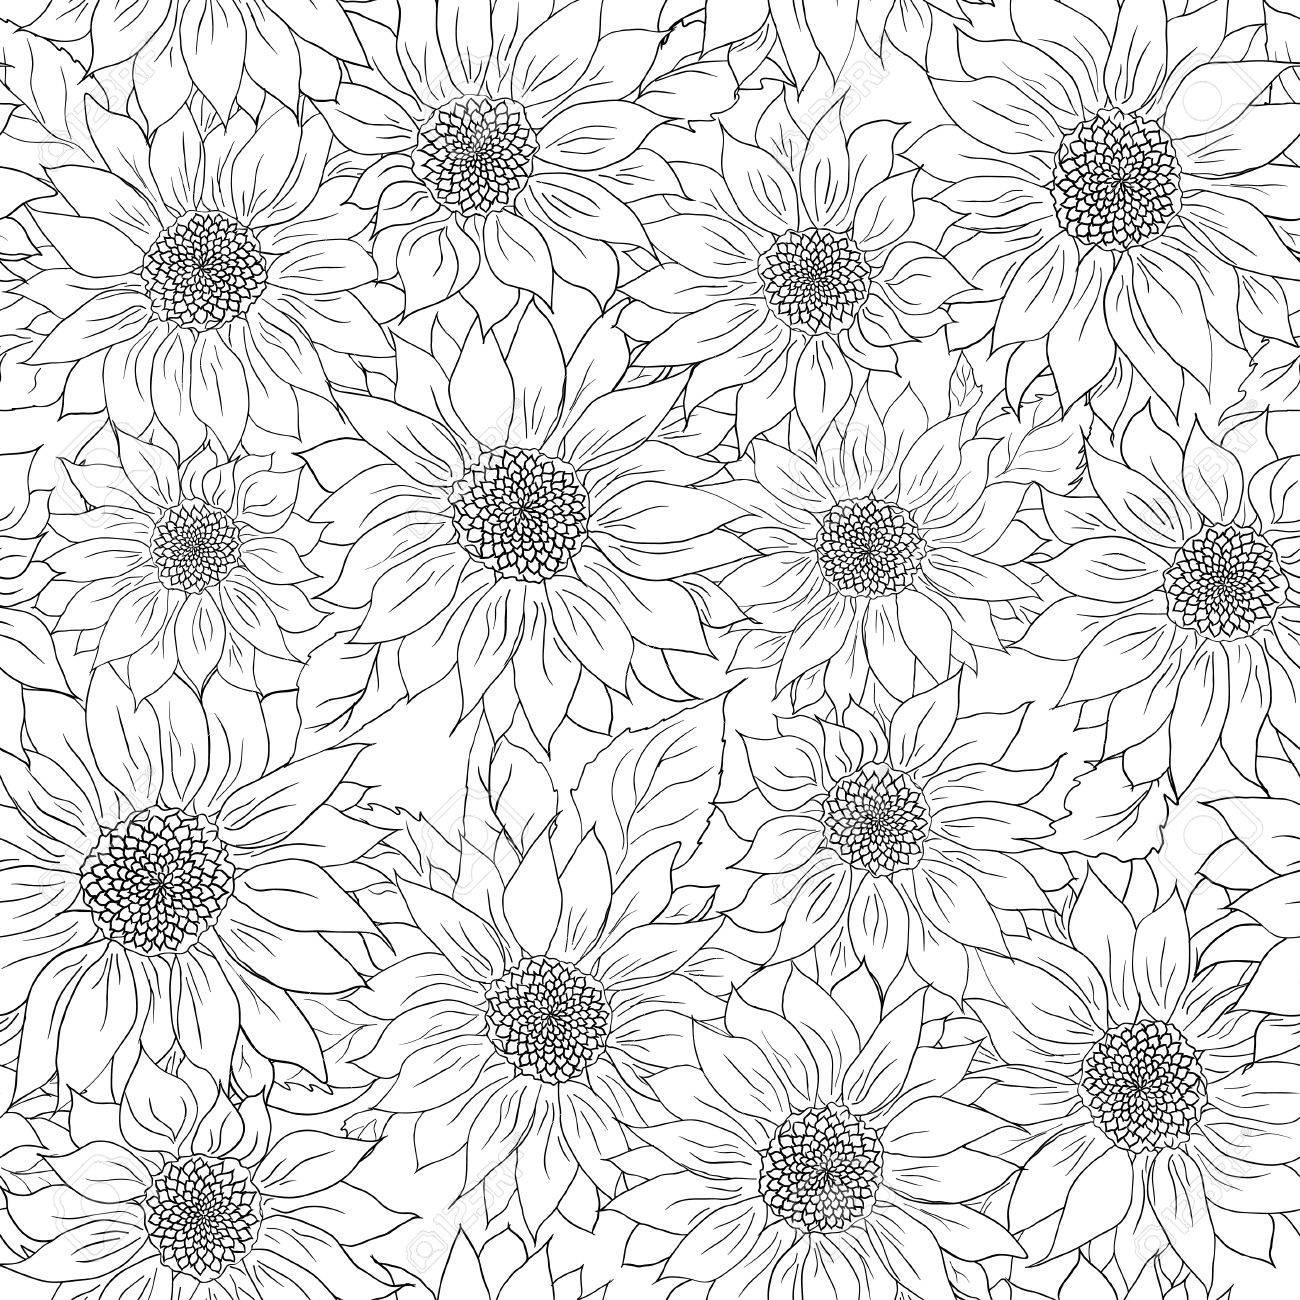 Dibujado A Mano Patrón De Girasoles De Fondo Flor De Girasol En